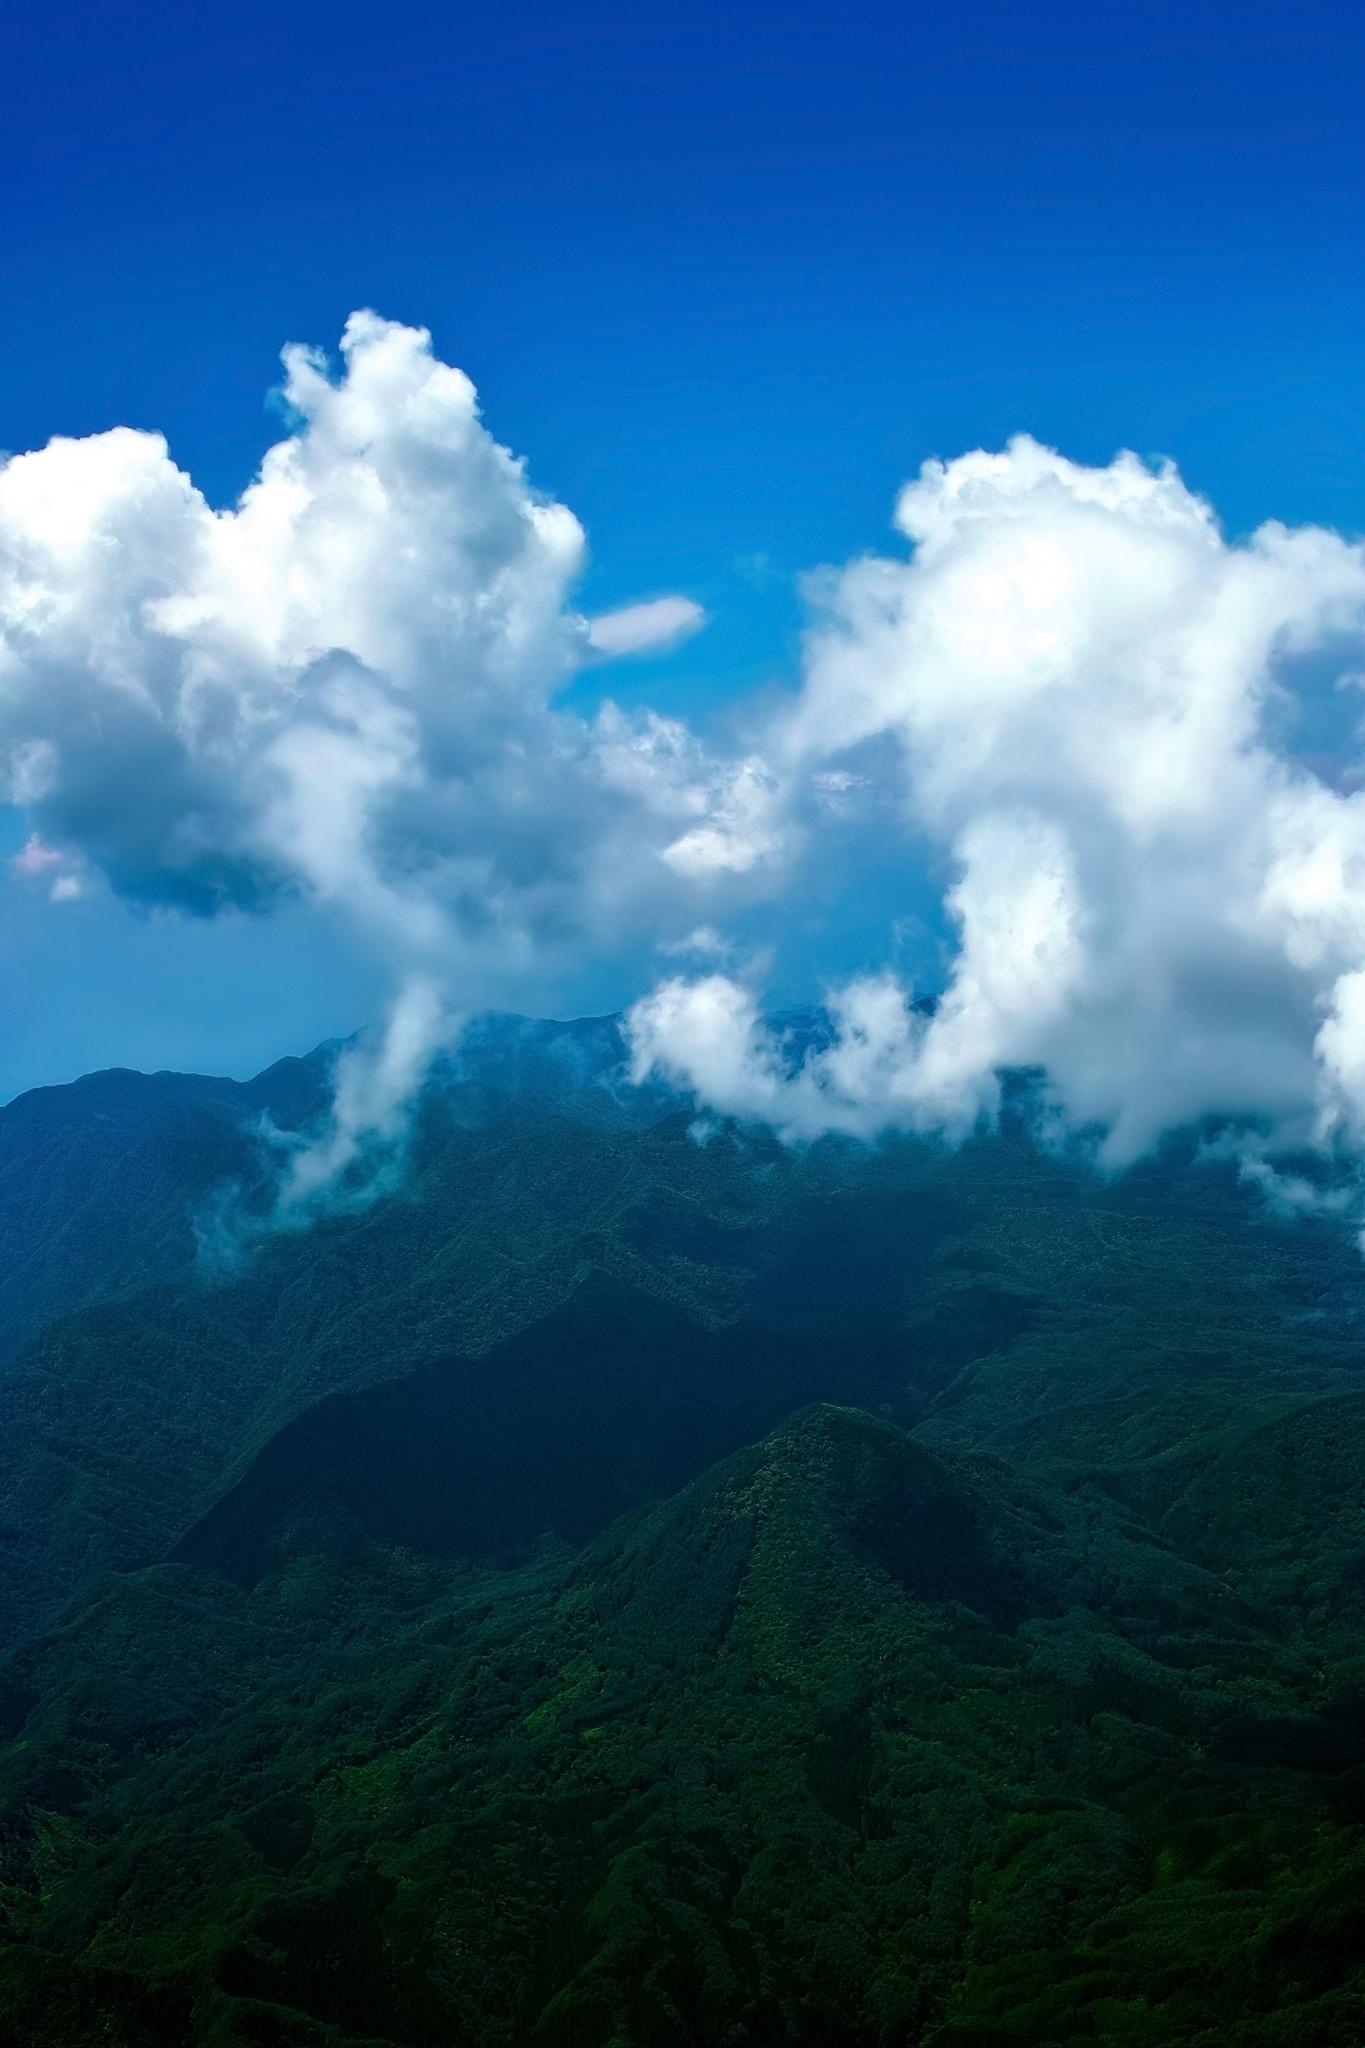 「山巓に流れる白雲」